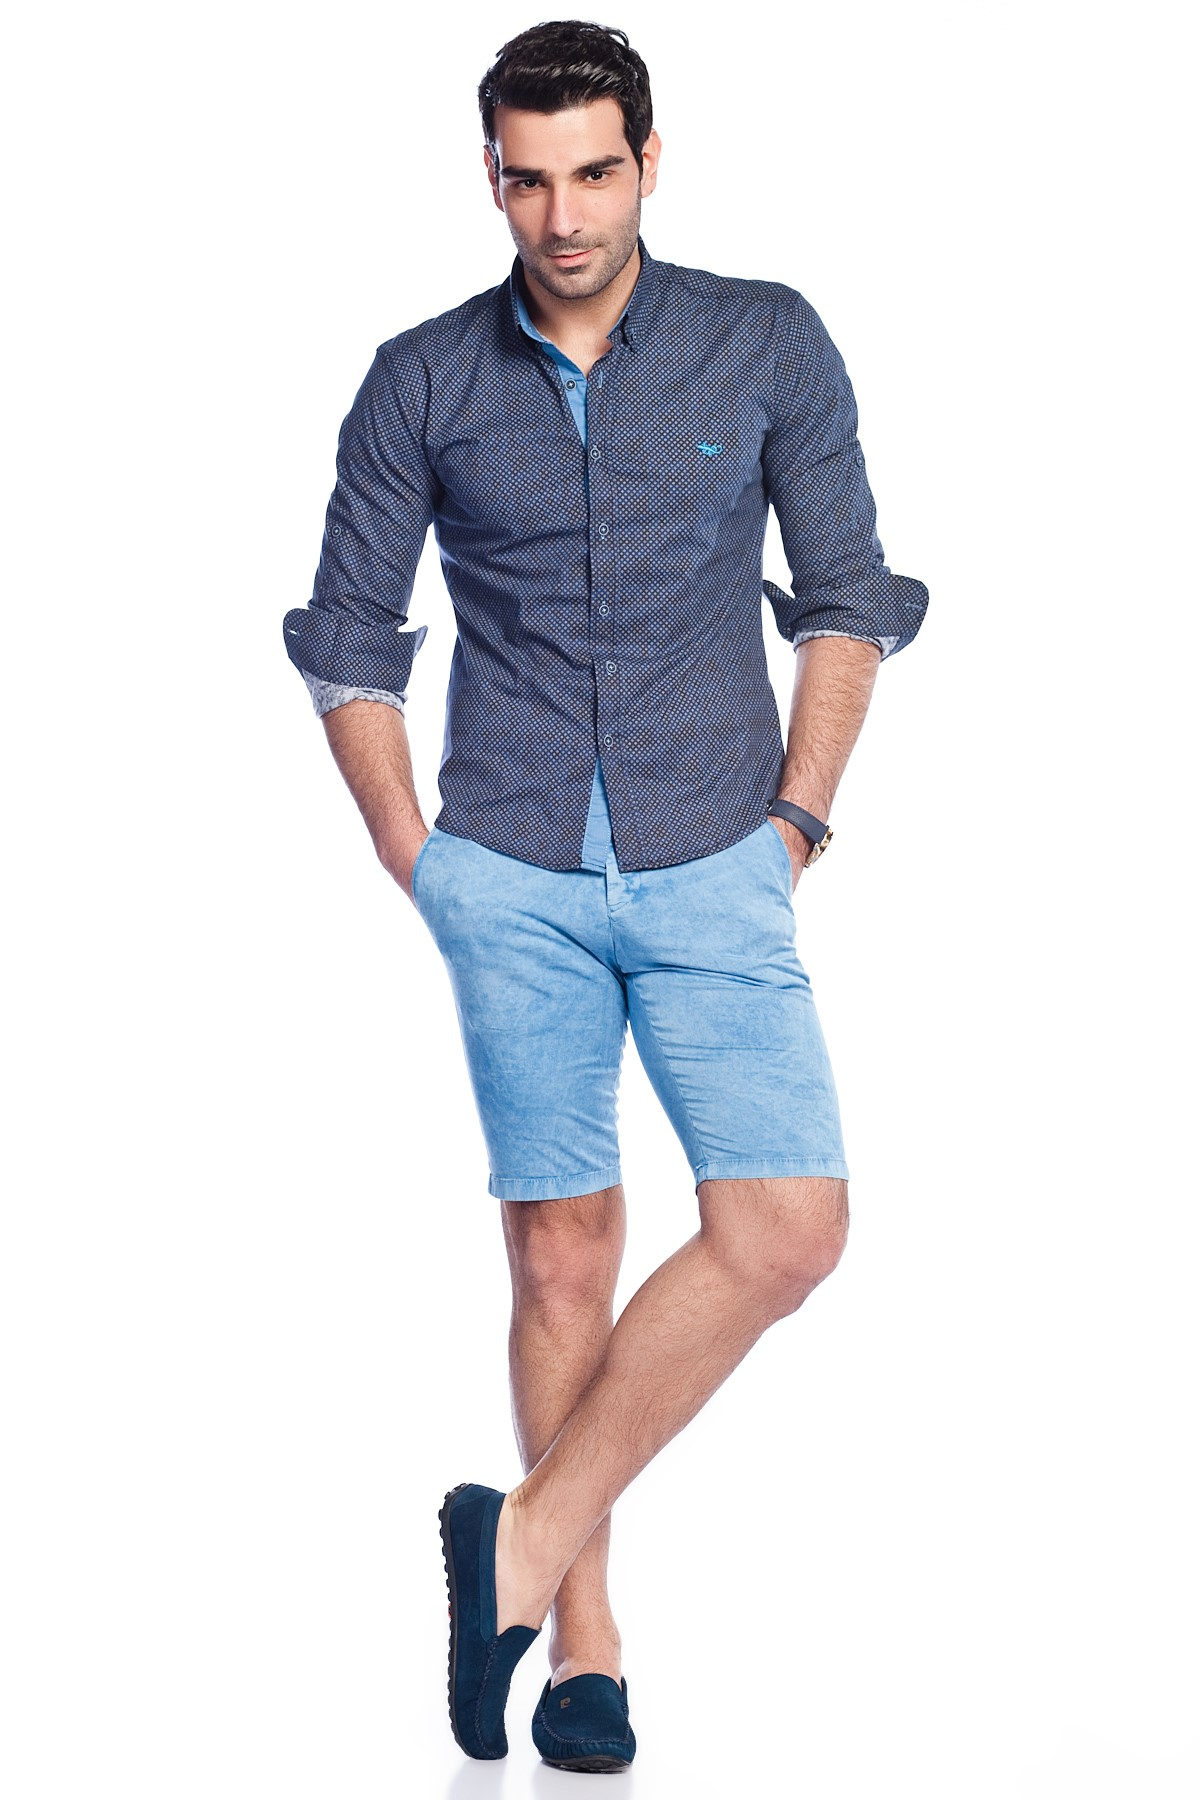 بالصور ملابس الصيف , ملابس صيفيه خفيفه 3667 9